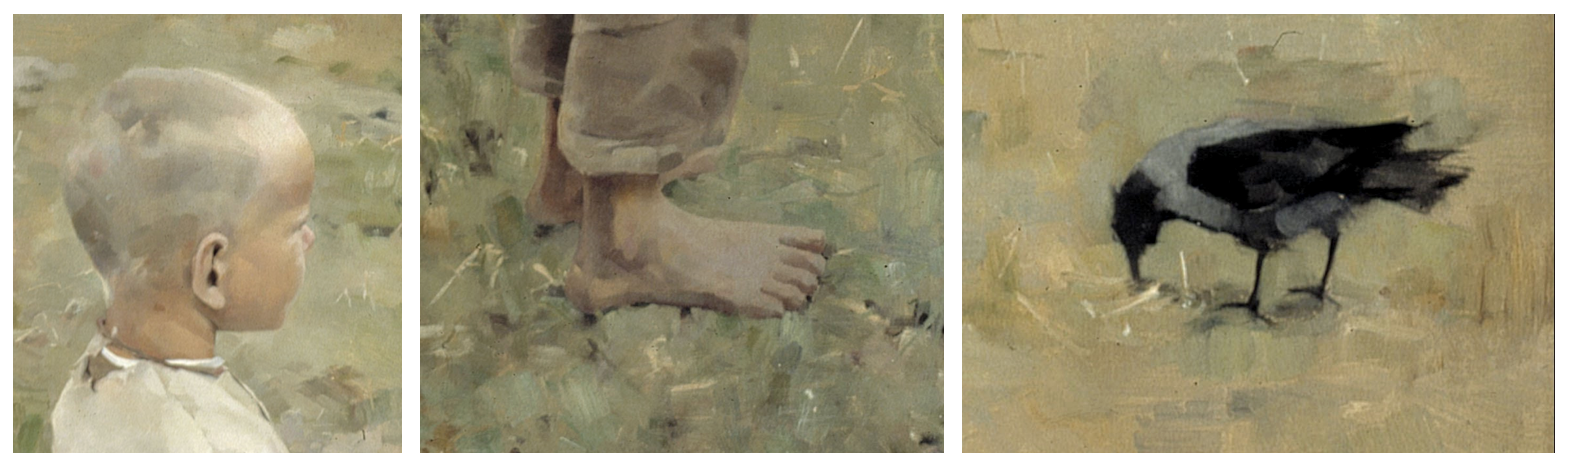 pojke kraka detaljer ur malningen